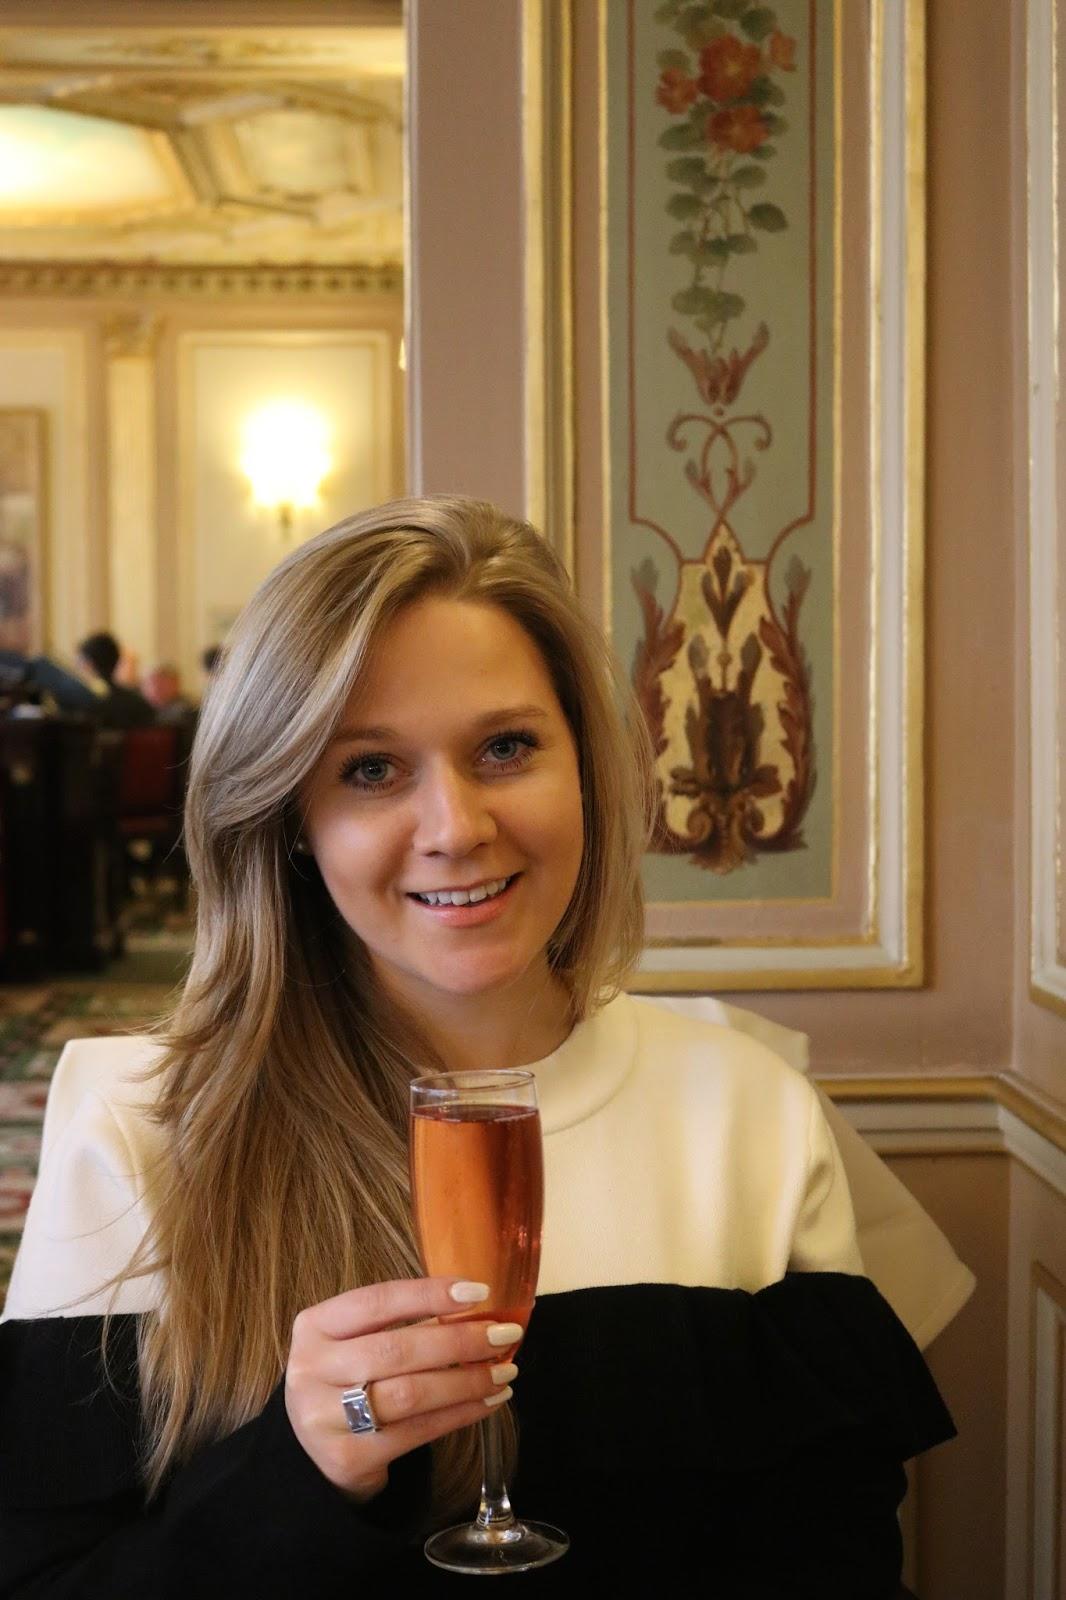 Cafe De La Paix, Paris, France, KALANCHOE, Katie Heath